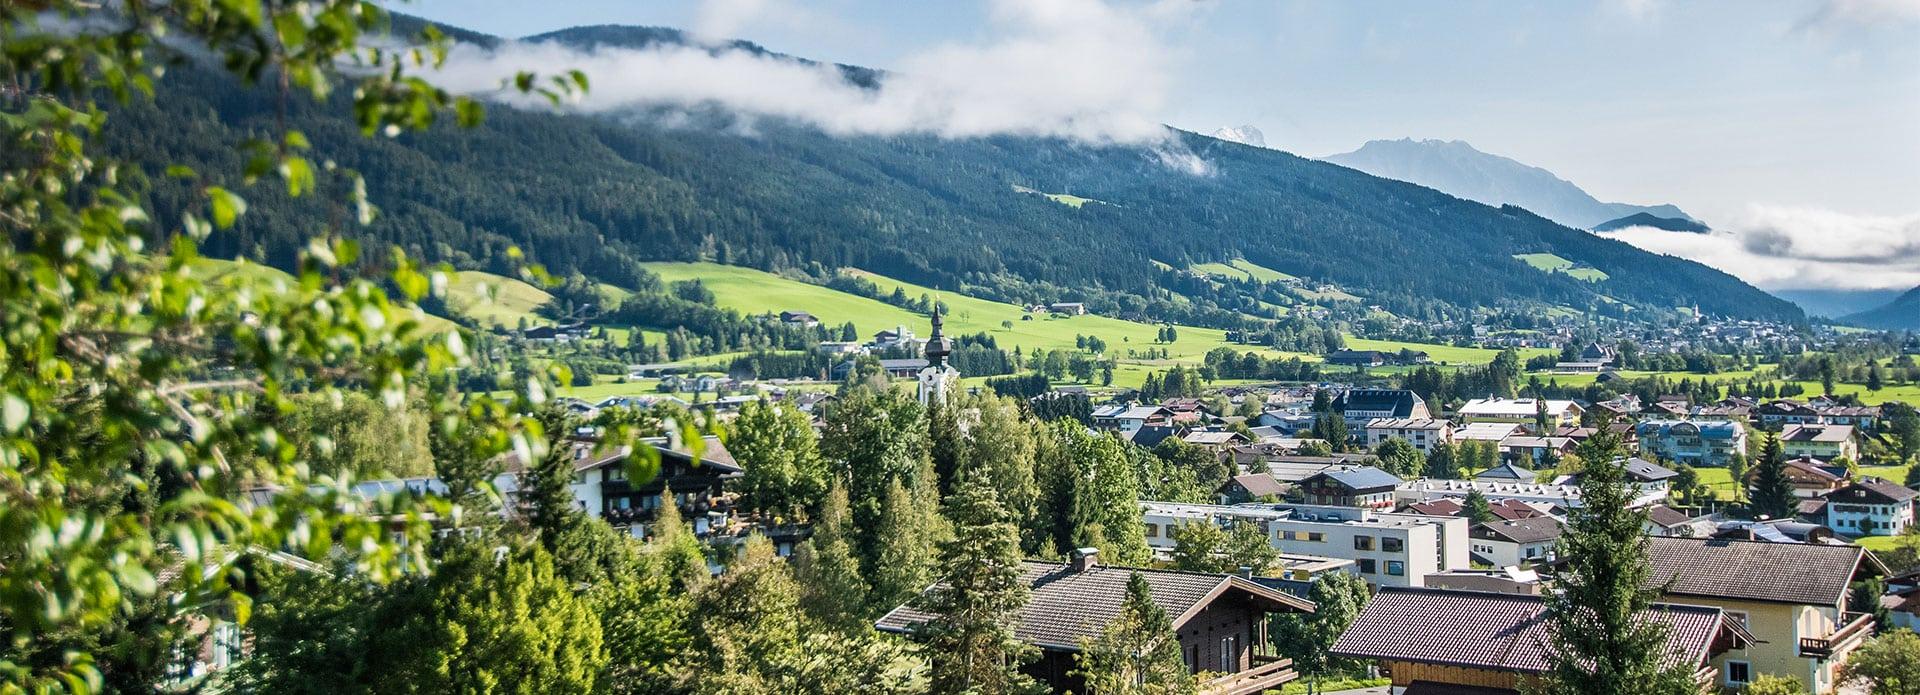 Urlaub in Altenmarkt-Zauchensee, Salzburger Land